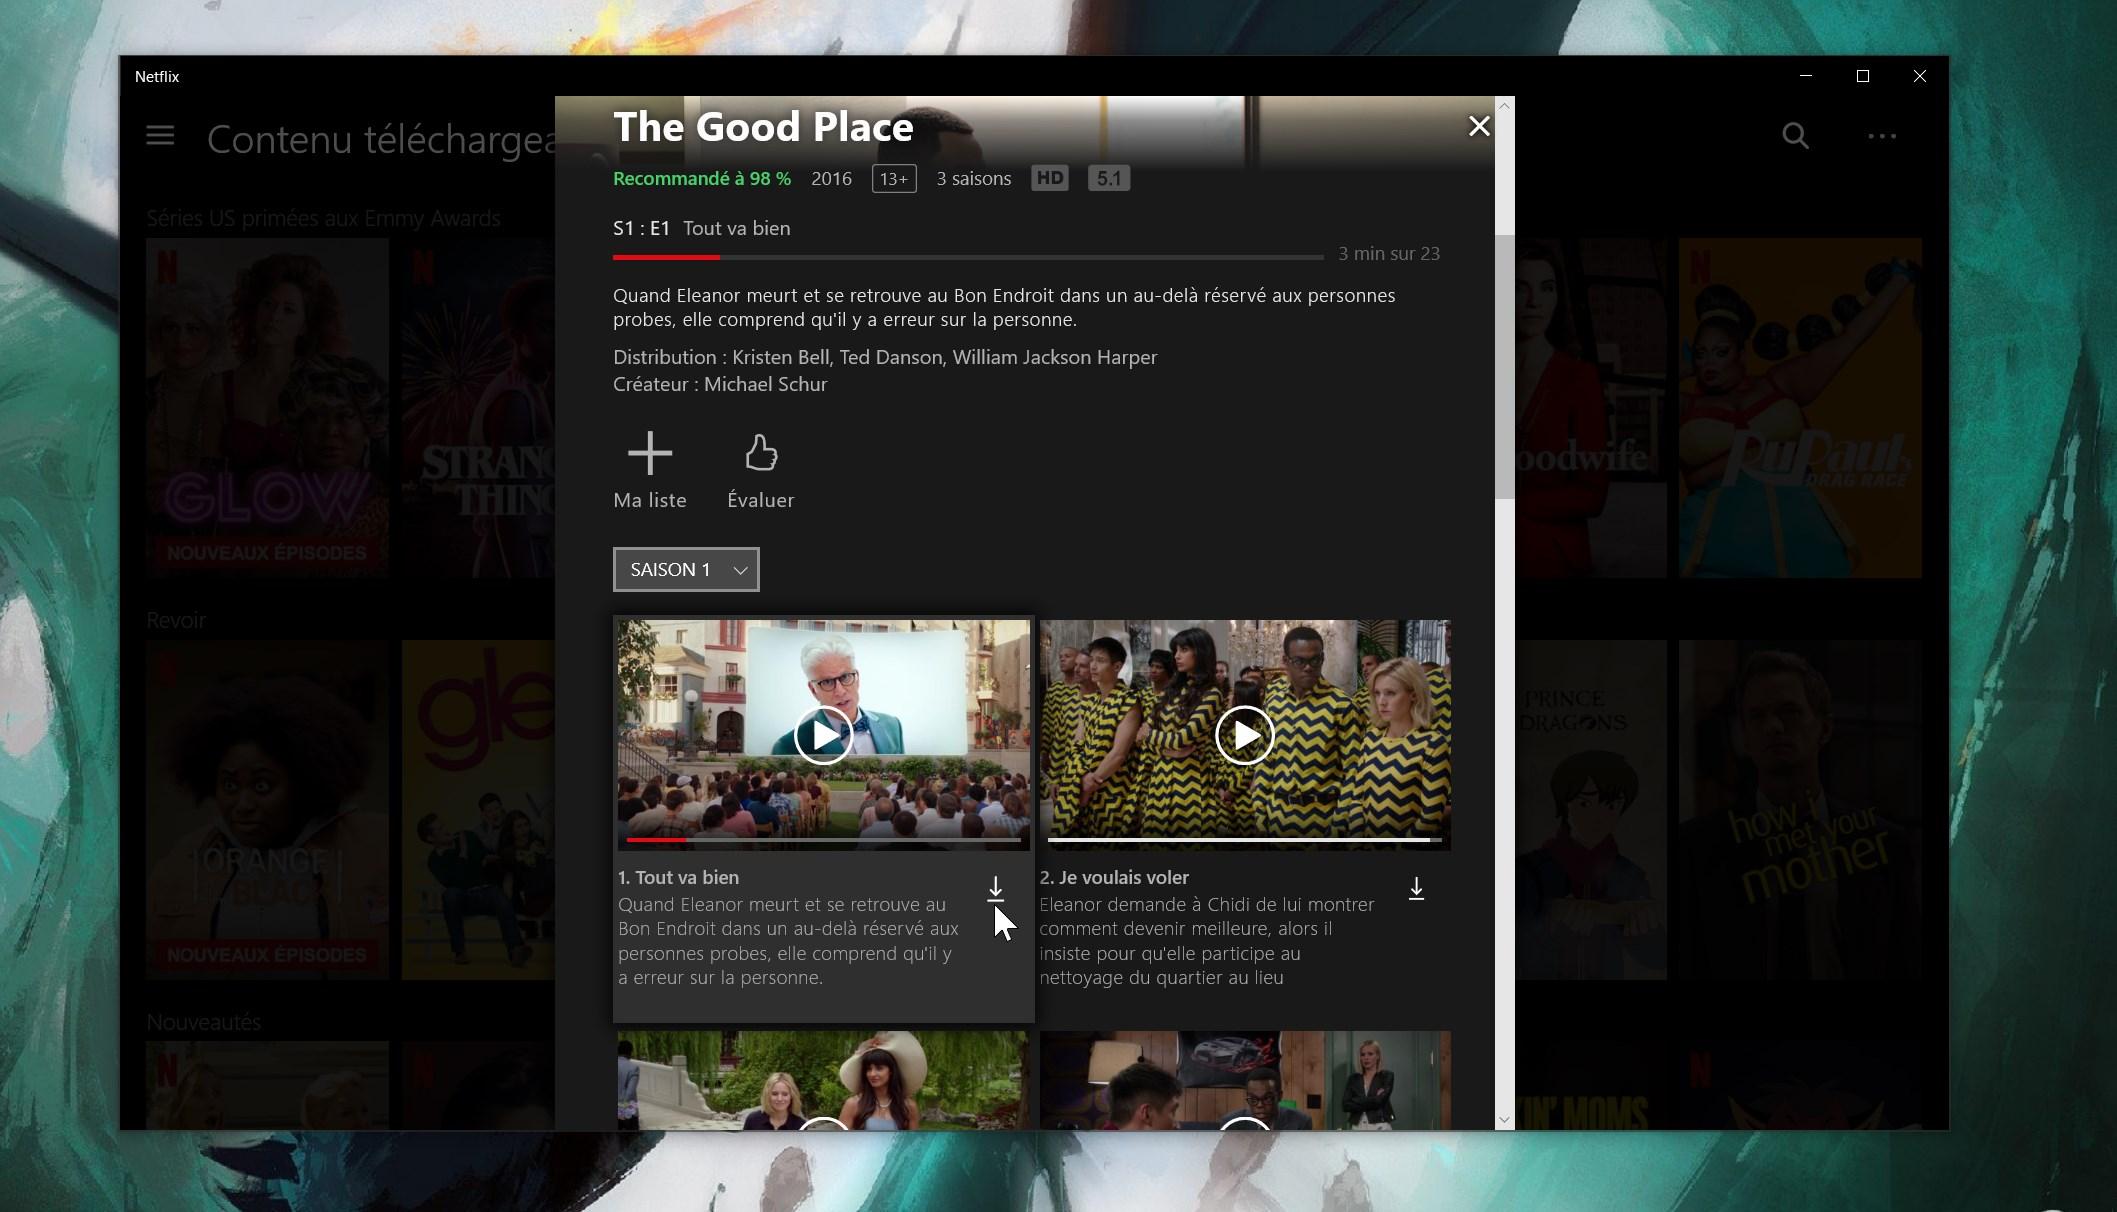 Netflix : comment télécharger des films et séries sur PC pour les regarder hors ligne